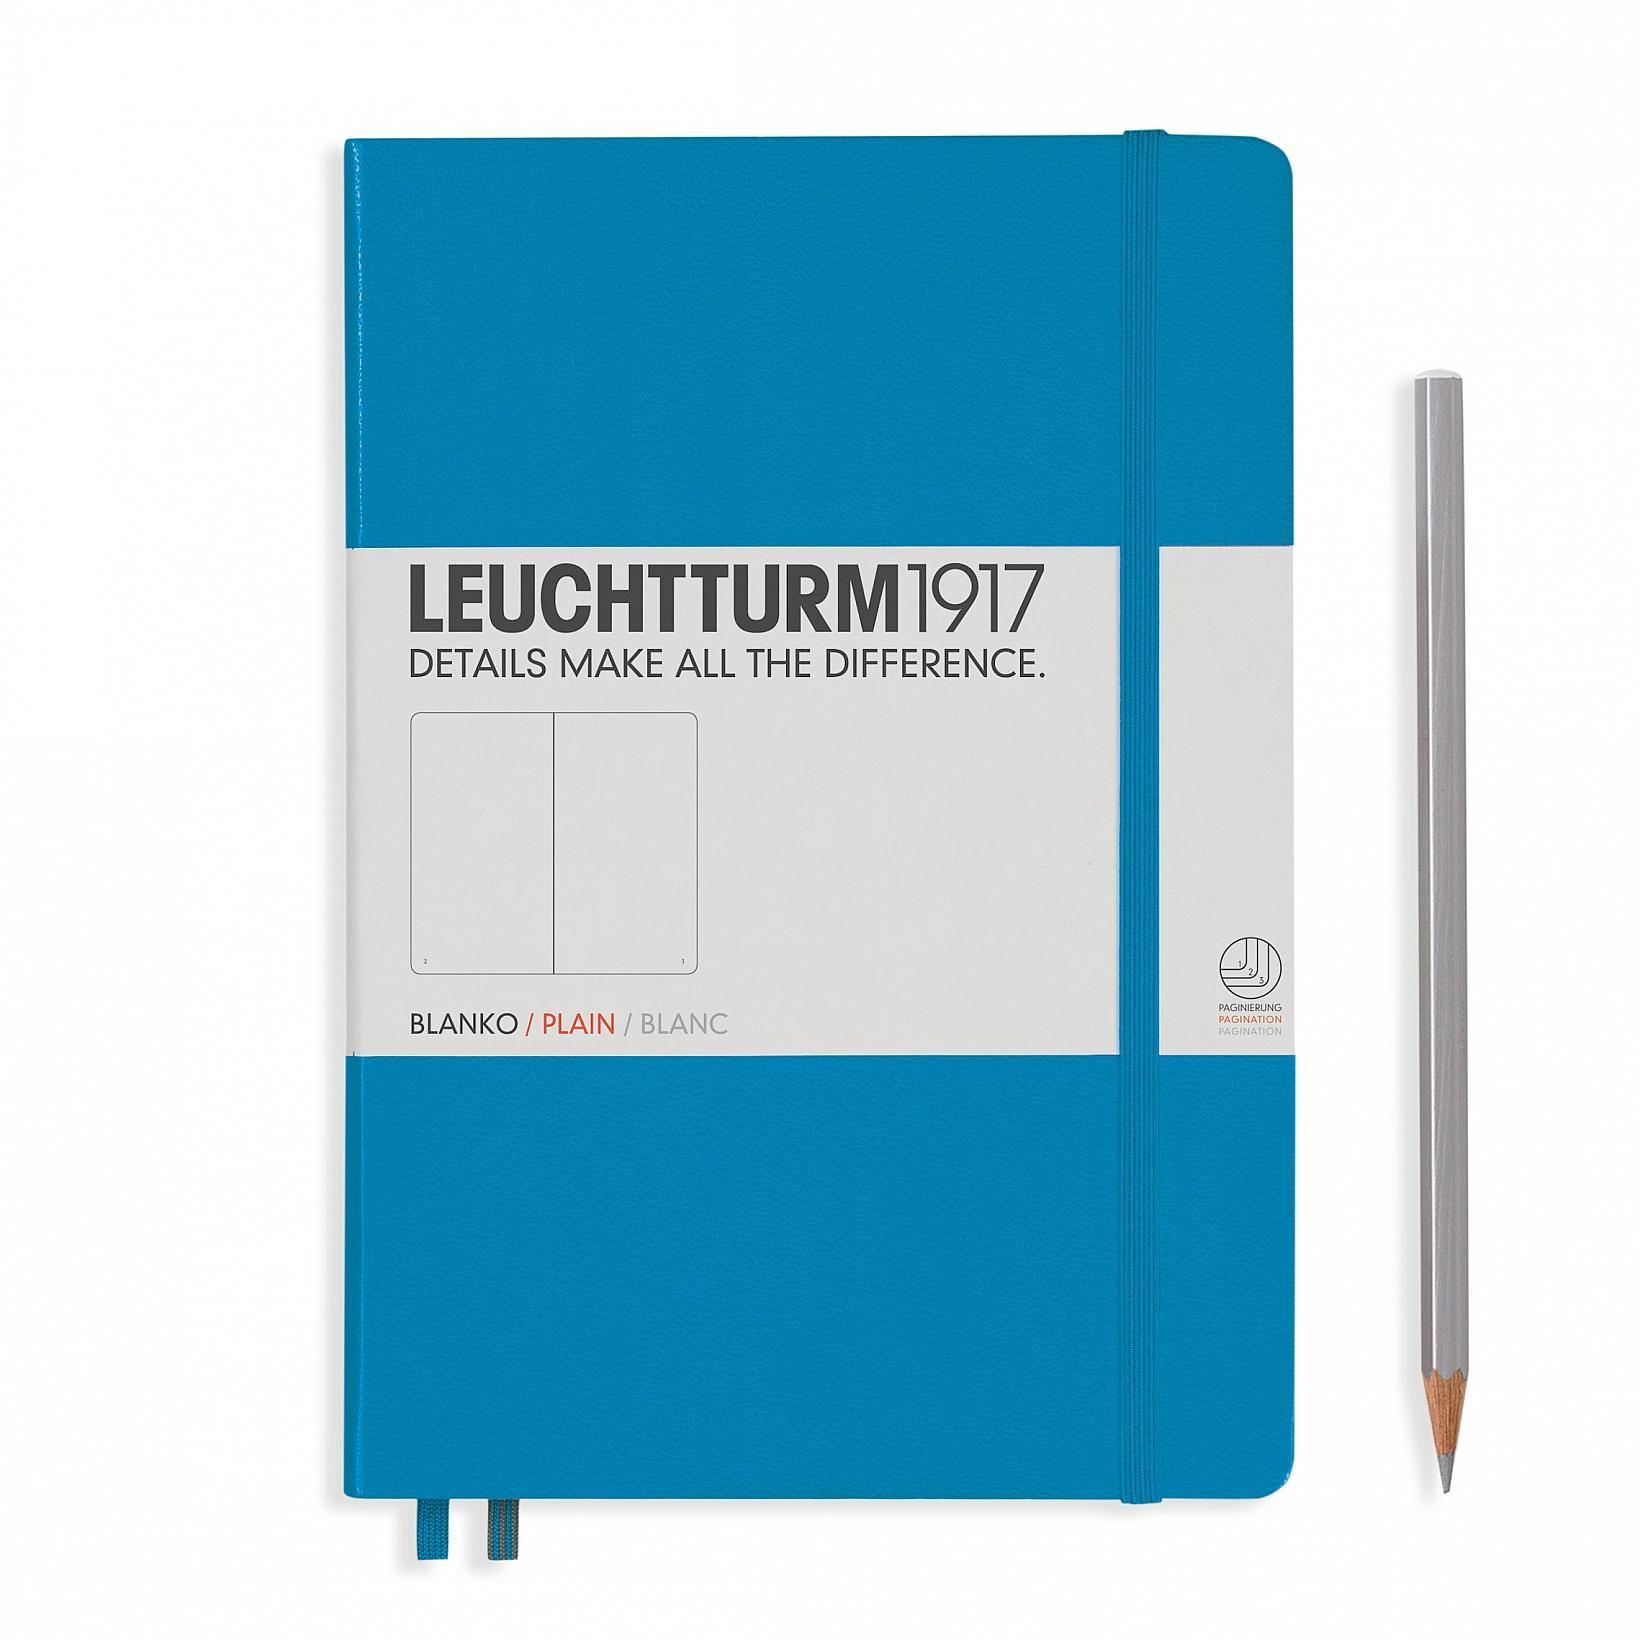 Leuchtturm 1917 A5 Medium Hardcover 249ct Azure Plain